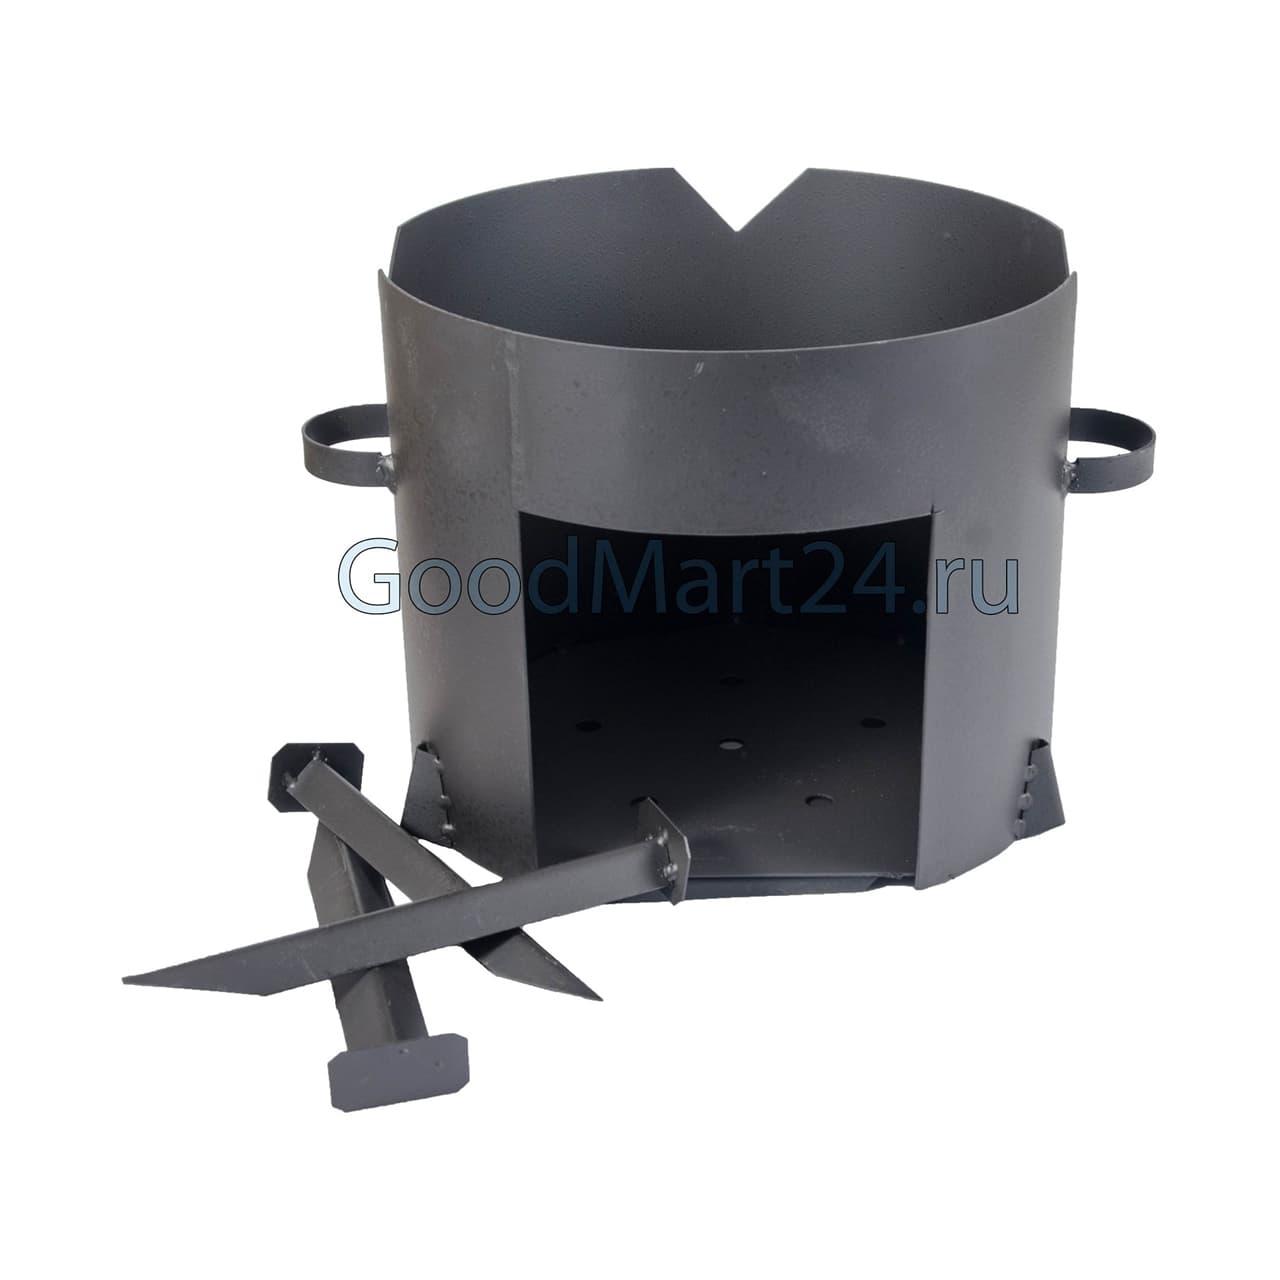 Комплект: Чугунный казан 10 л. Балезинский ЛМЗ + Печь D-360 мм s-2 мм. - фото 5534